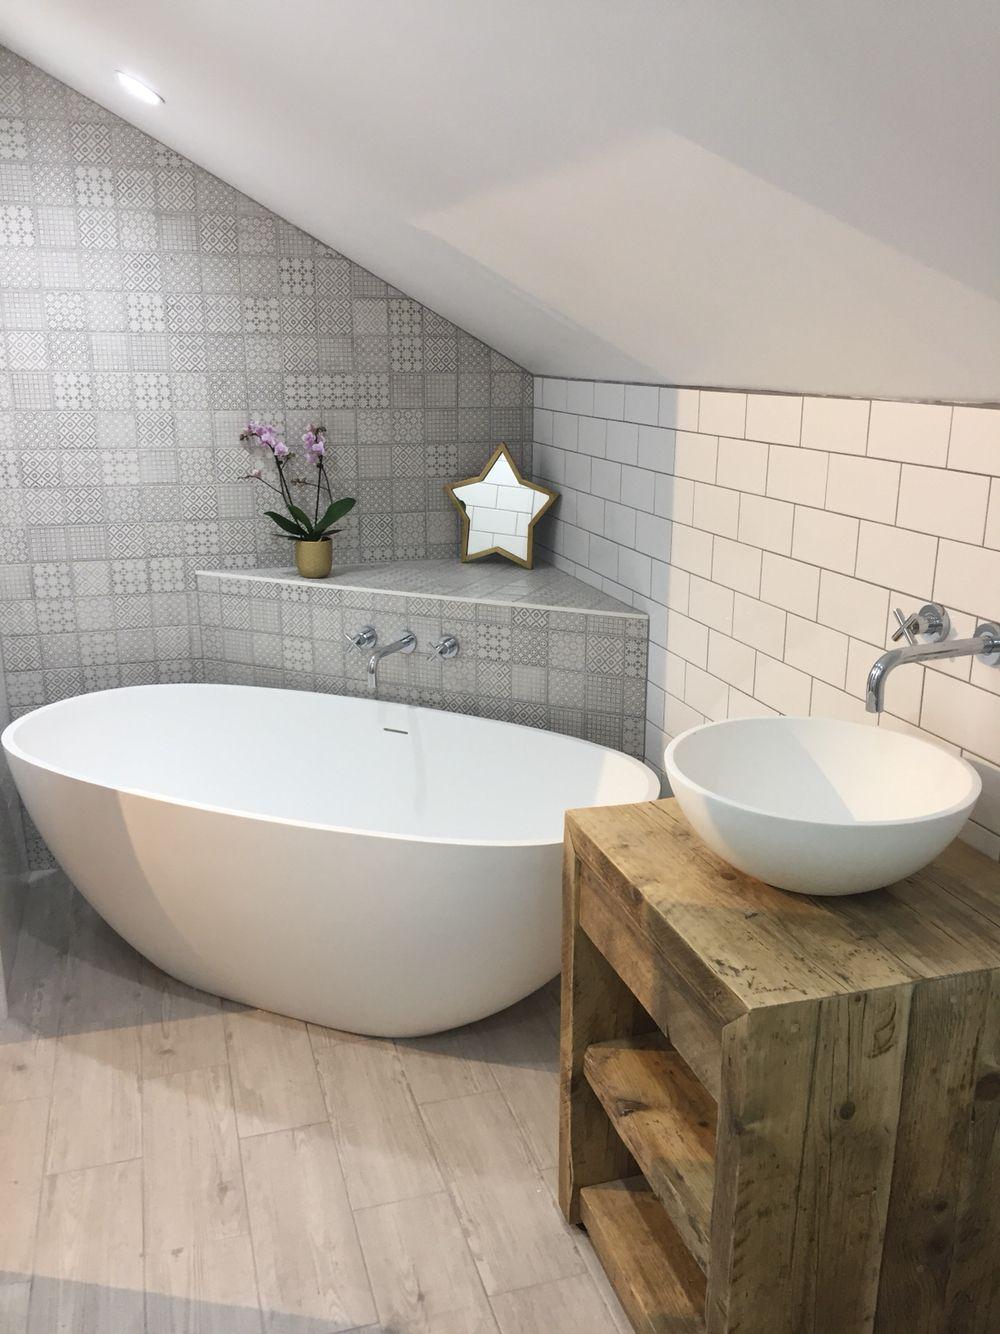 Ensuite Bathroom Fixtures en suite bathroom - lusso stone bath and basin | ensuite bathroom